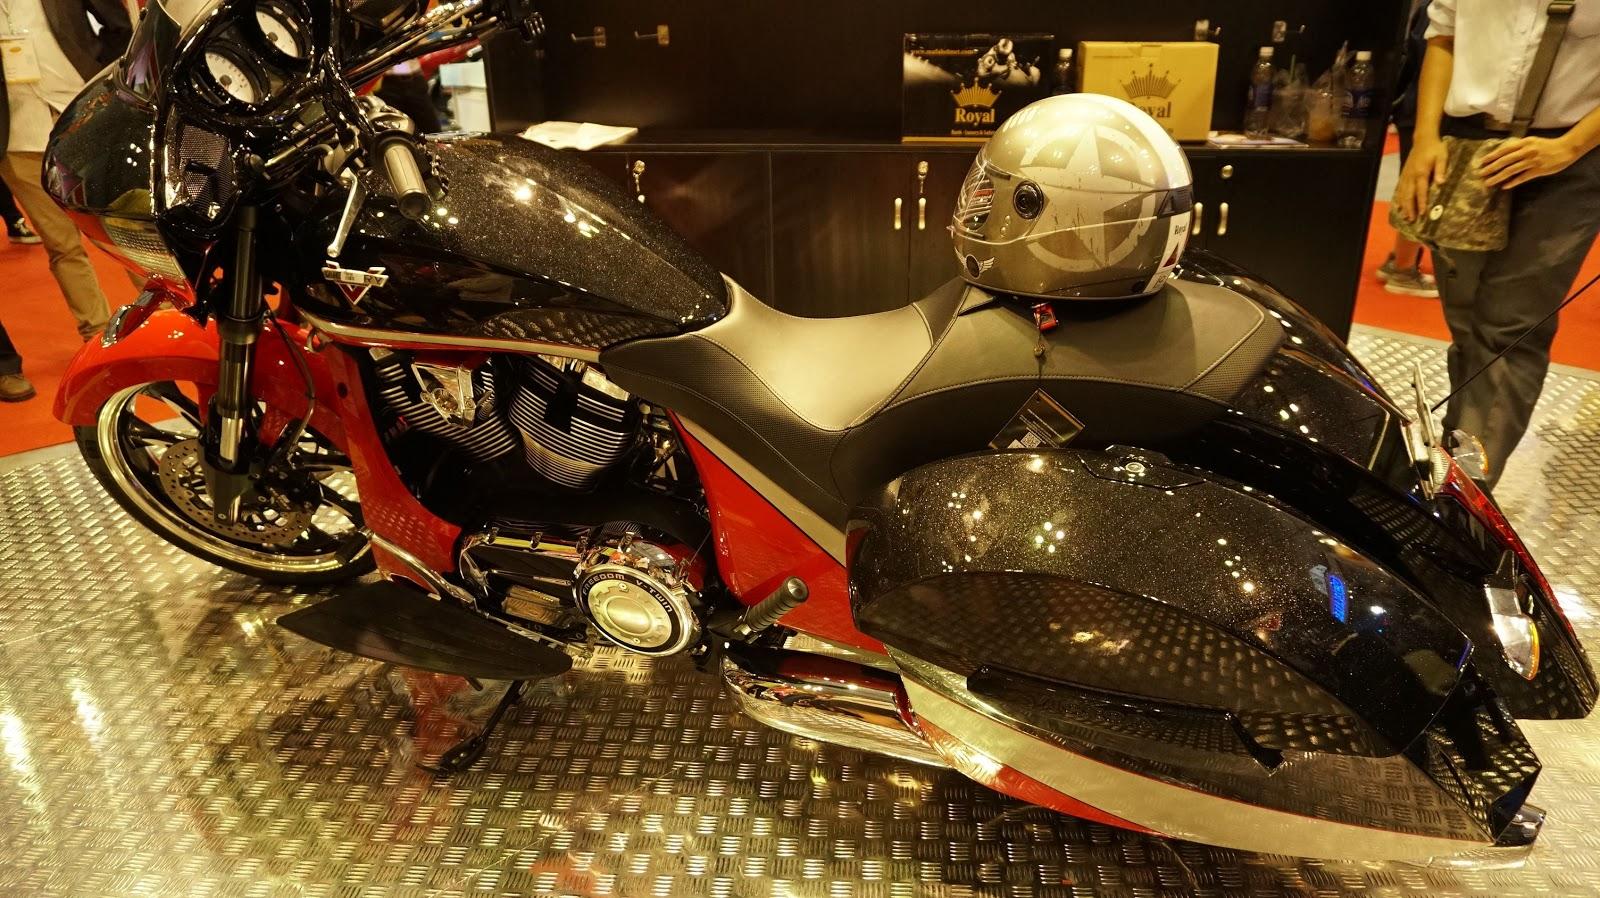 Thực sự Victory Magnum là một siêu mô tô quá lớn, quá mạnh